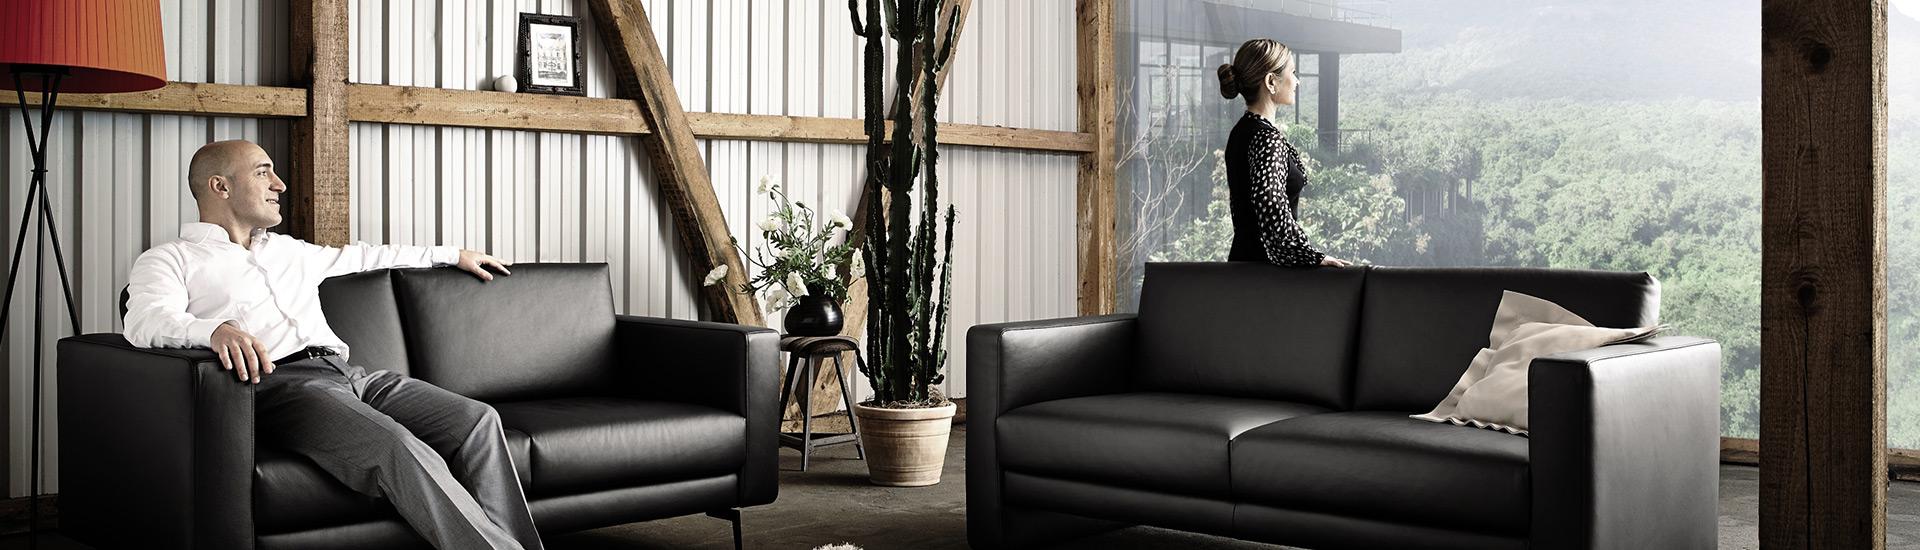 koinor m bel schulze. Black Bedroom Furniture Sets. Home Design Ideas